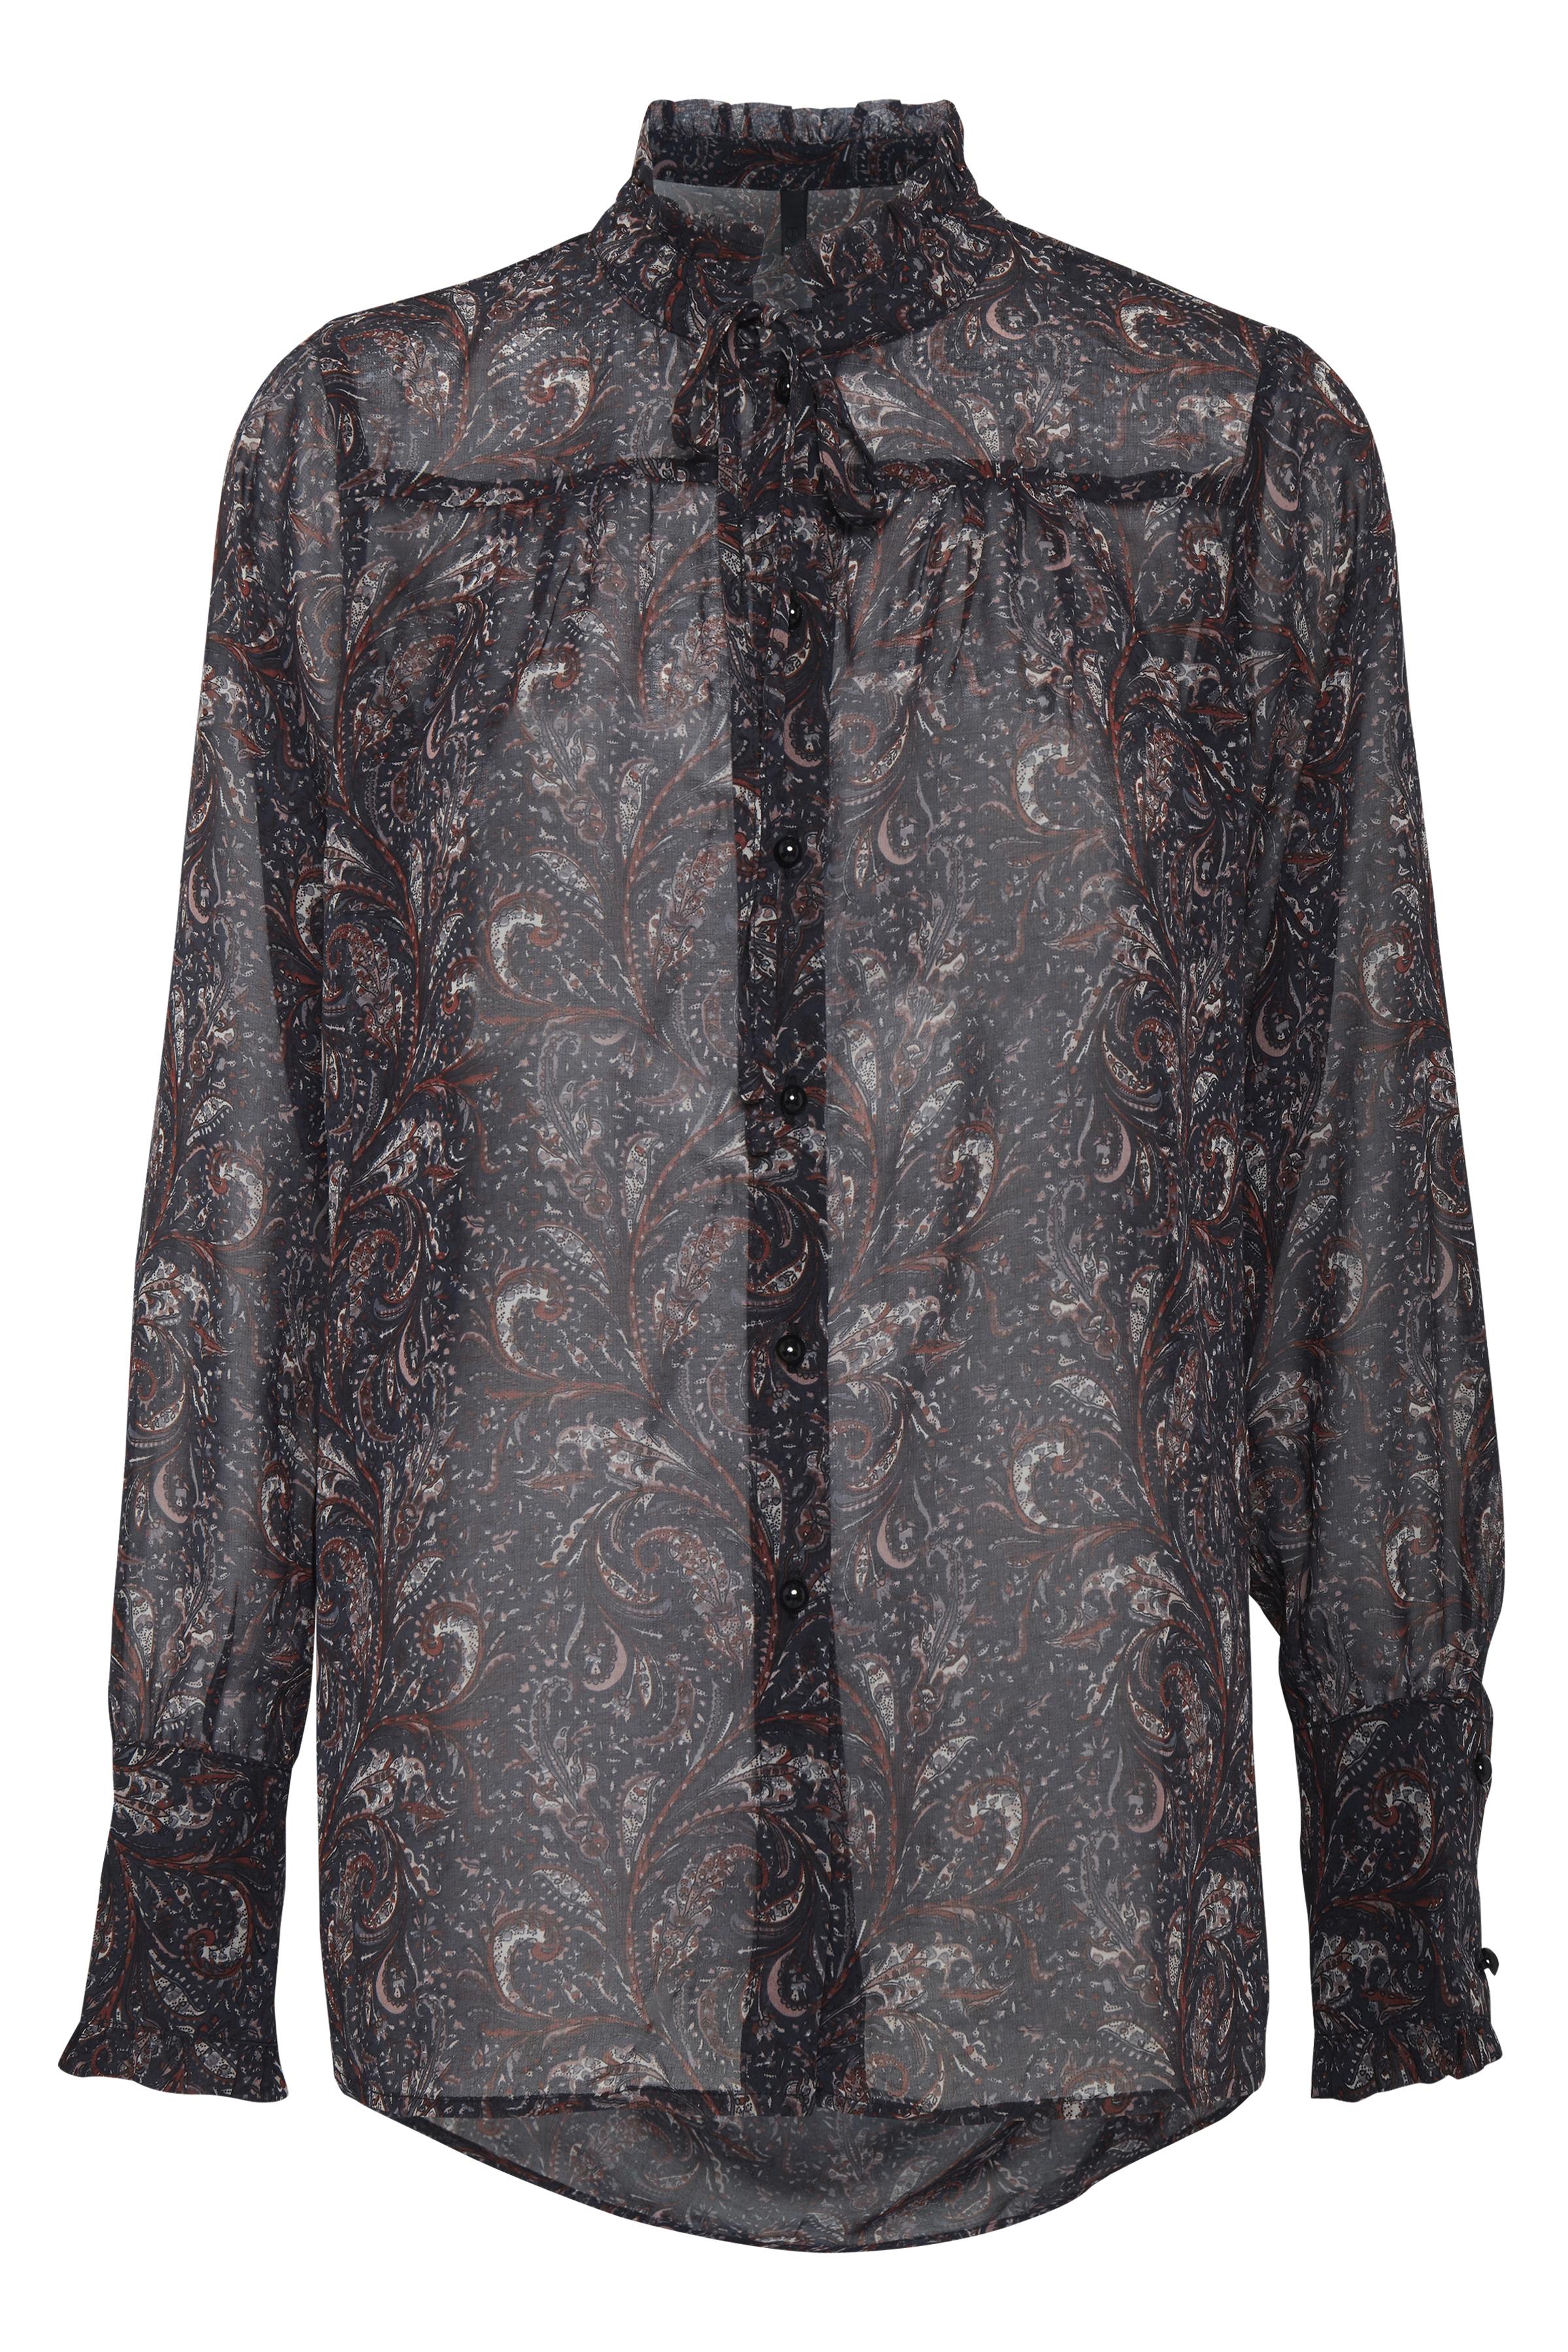 Image of Pulz Jeans Dame Langærmet skjorte - Marineblå/mørkerød